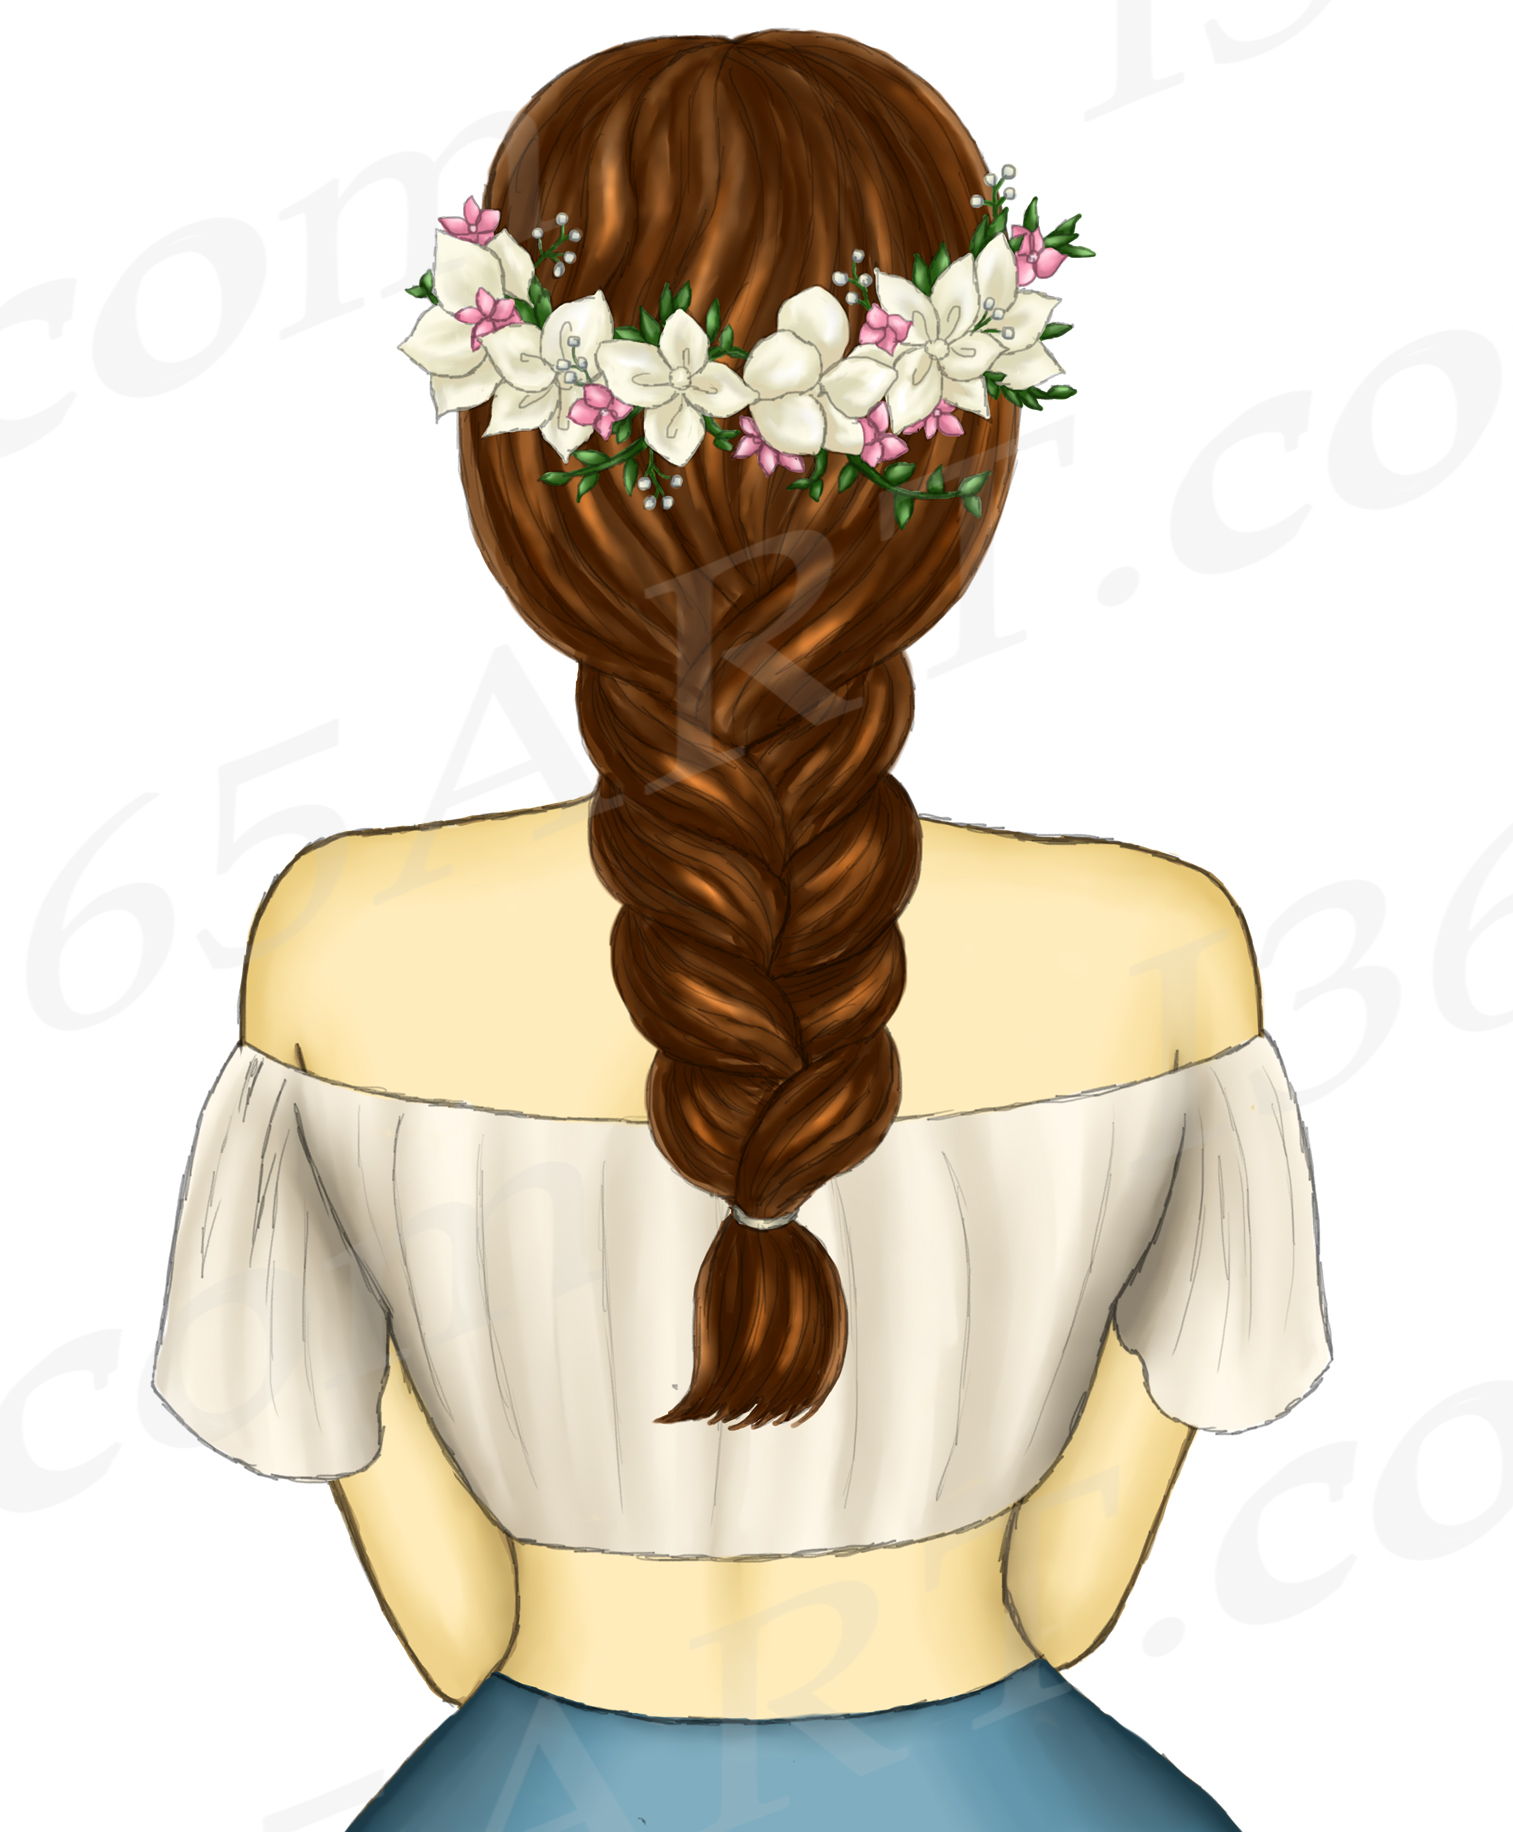 Boho Brunette Girls Fashion Clipart, Flower Wreath Spring.